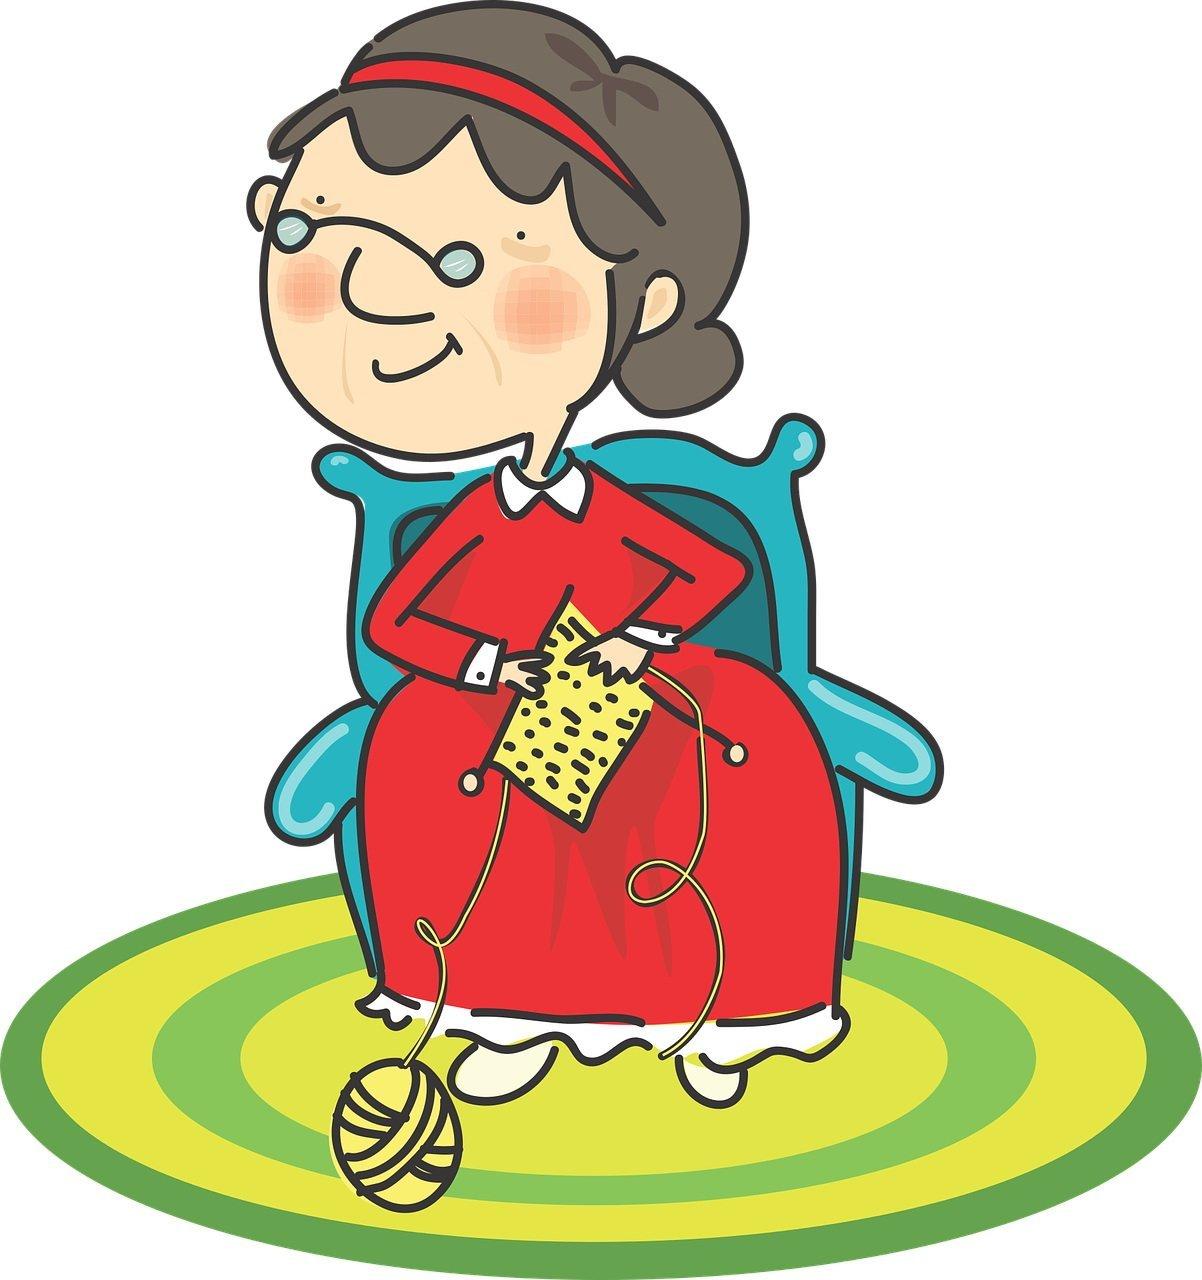 kiedy babcia była mała, Dzień Babci piosenka tekst i melodia